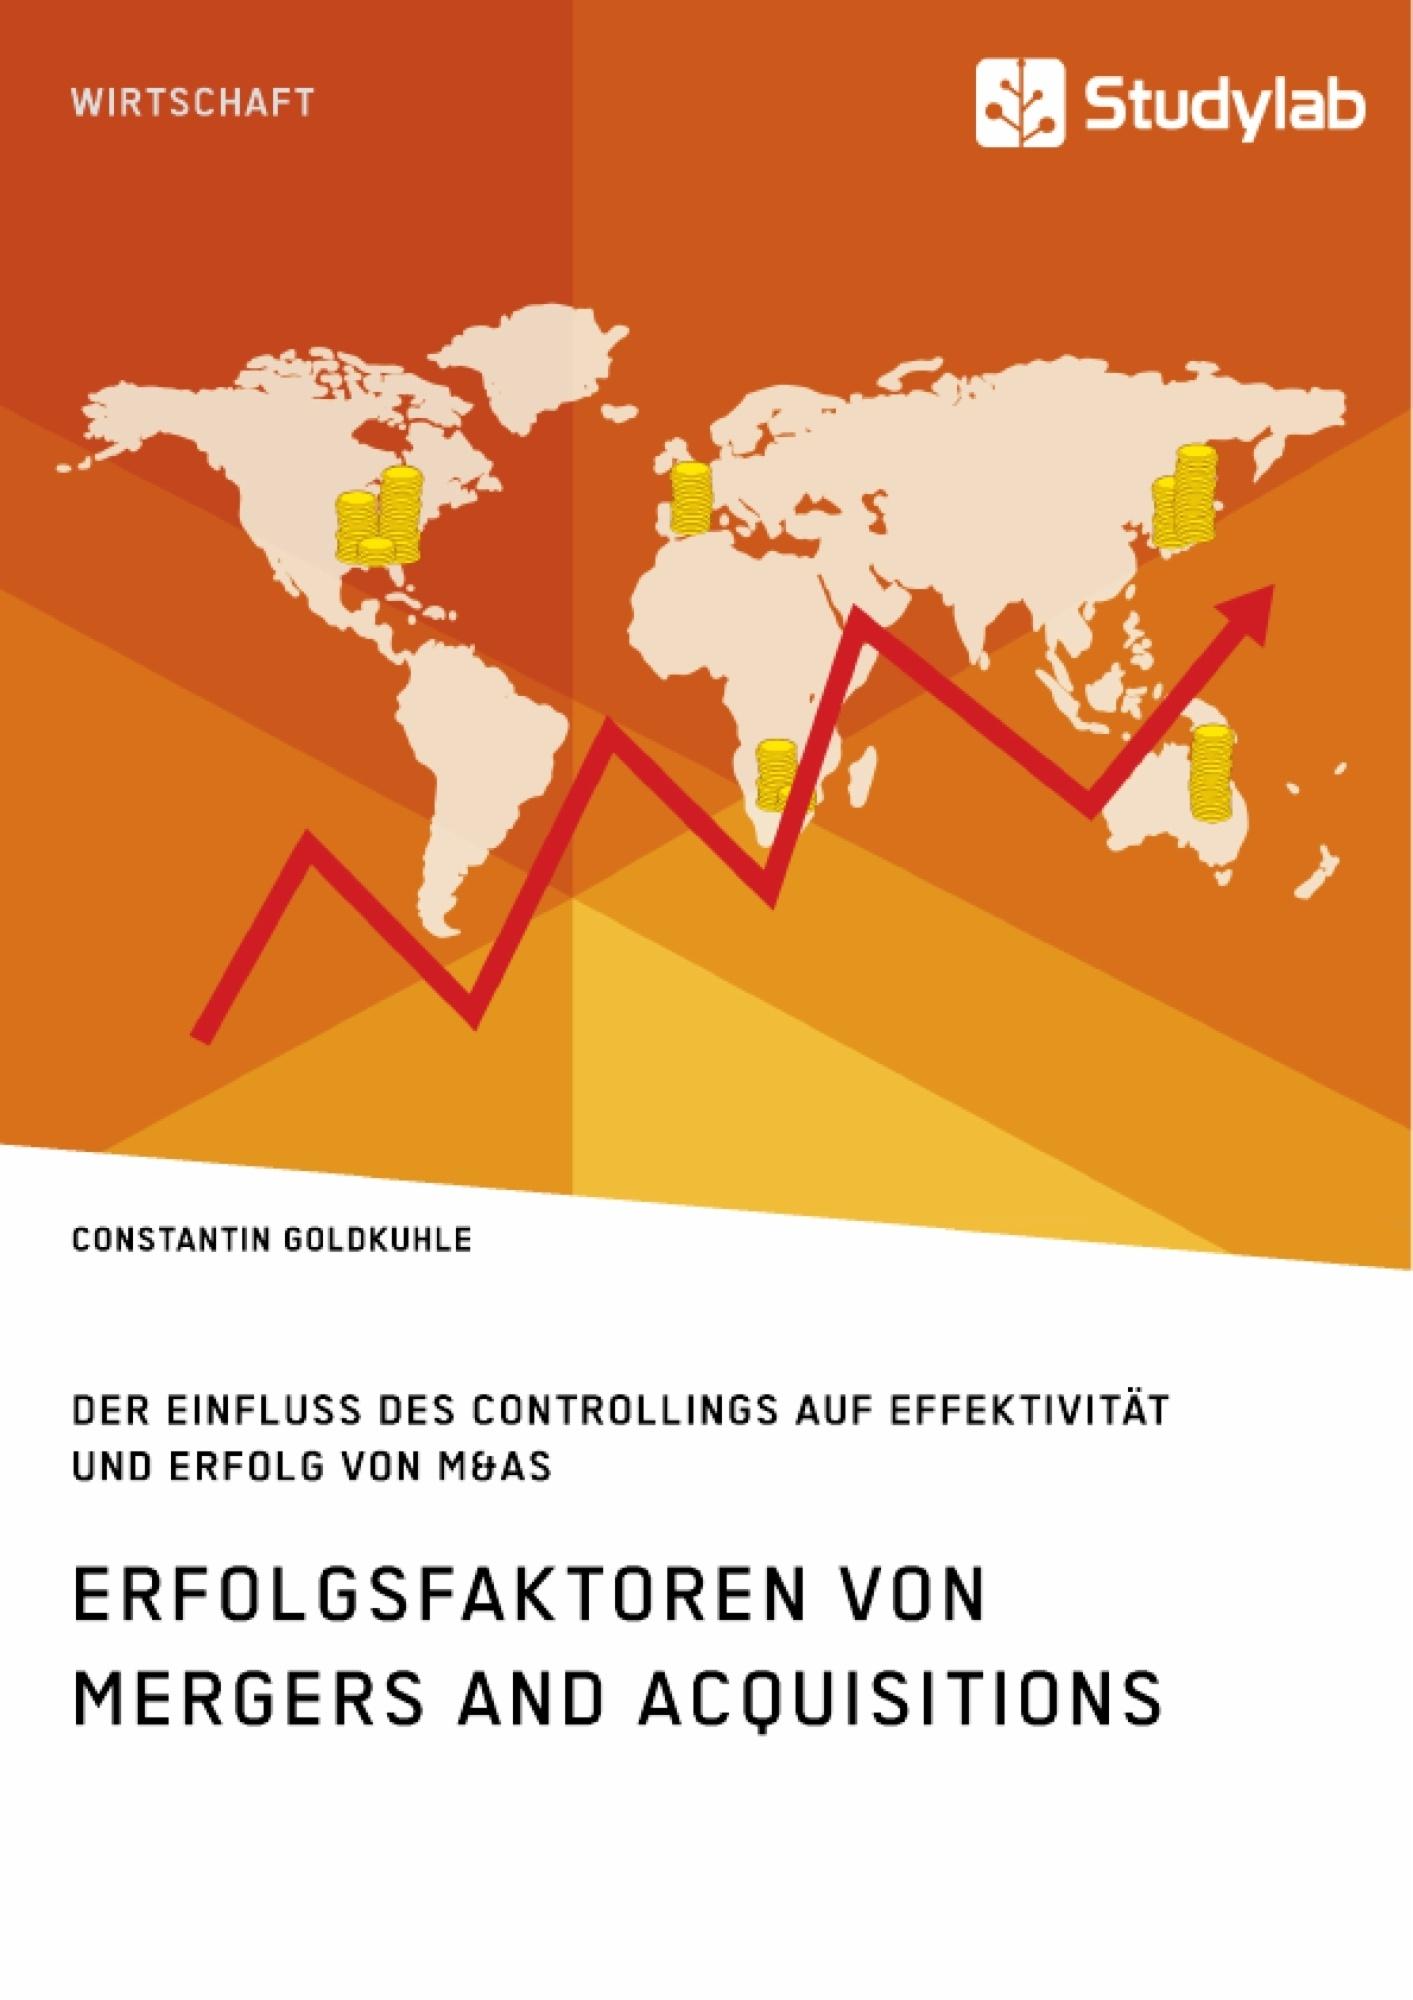 Titel: Erfolgsfaktoren von Mergers and Acquisitions. Der Einfluss des Controllings auf Effektivität und Erfolg von M&As